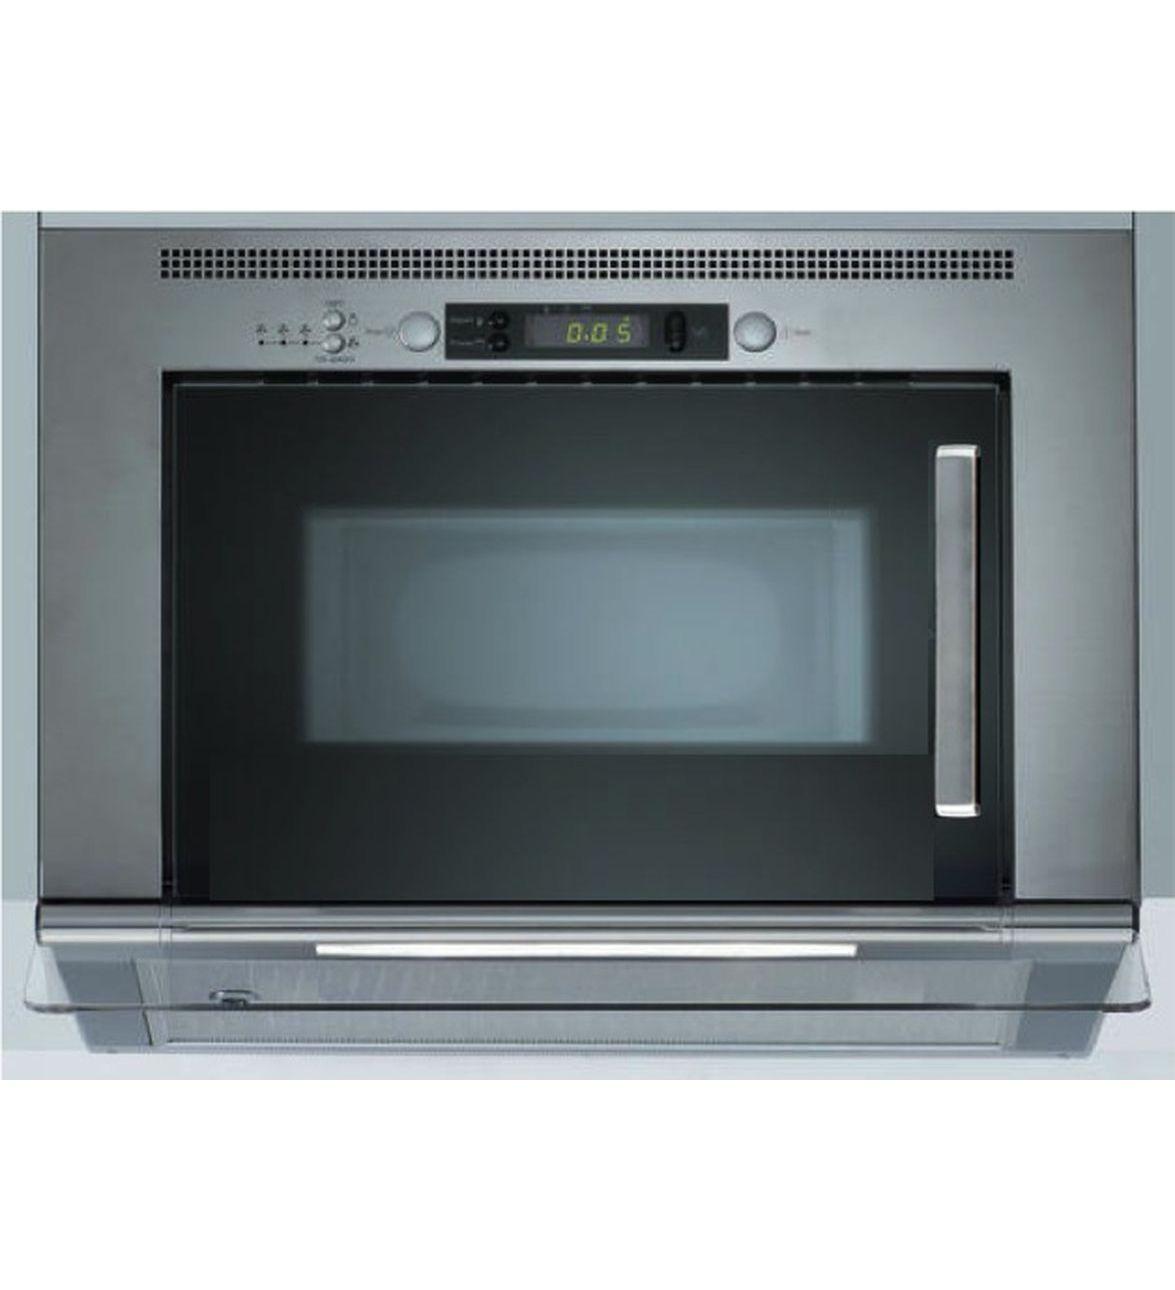 Whirlpool 24 Inch Microwave Hood